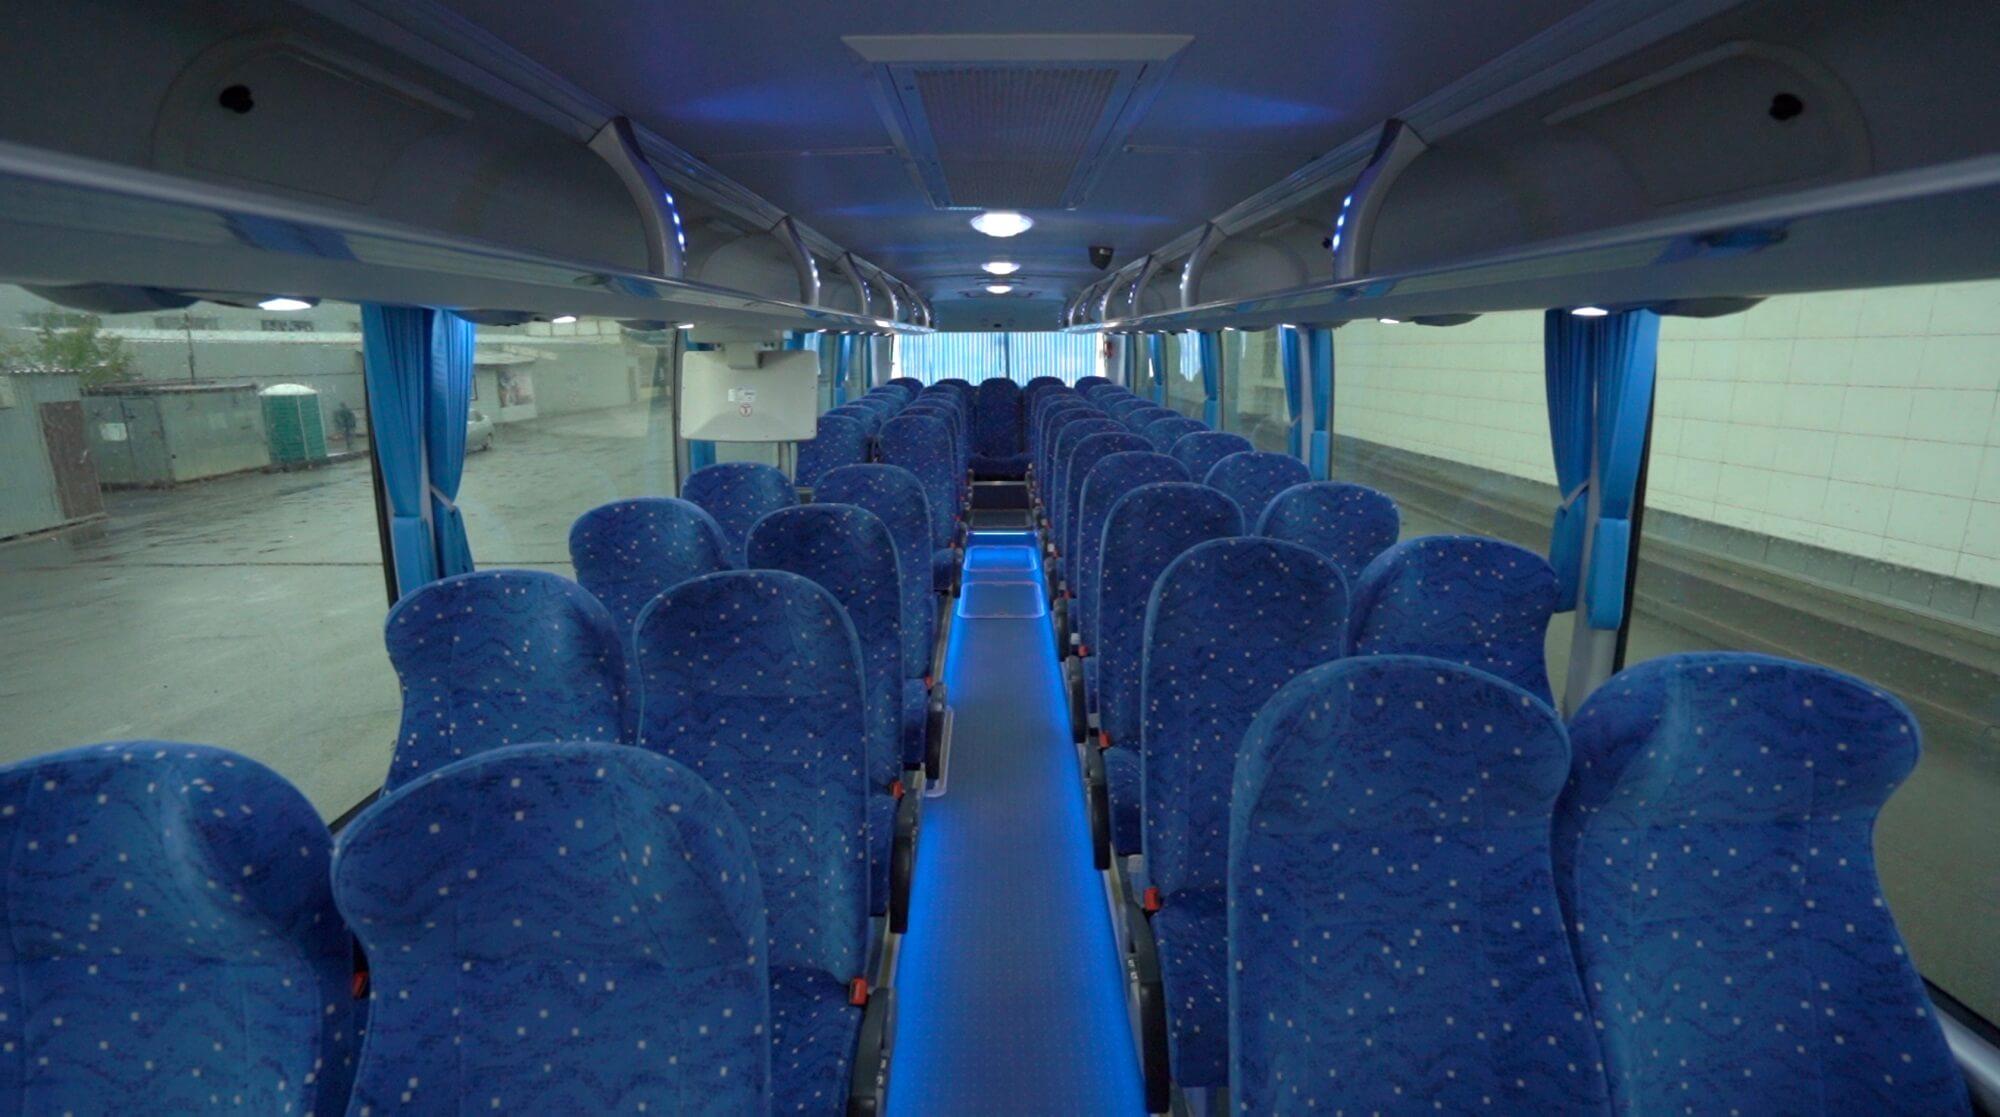 Пассажирские сидения в автобусе Yutong 6122Н9 2018 года 51+1 (без кулера с мягкими перегородками)